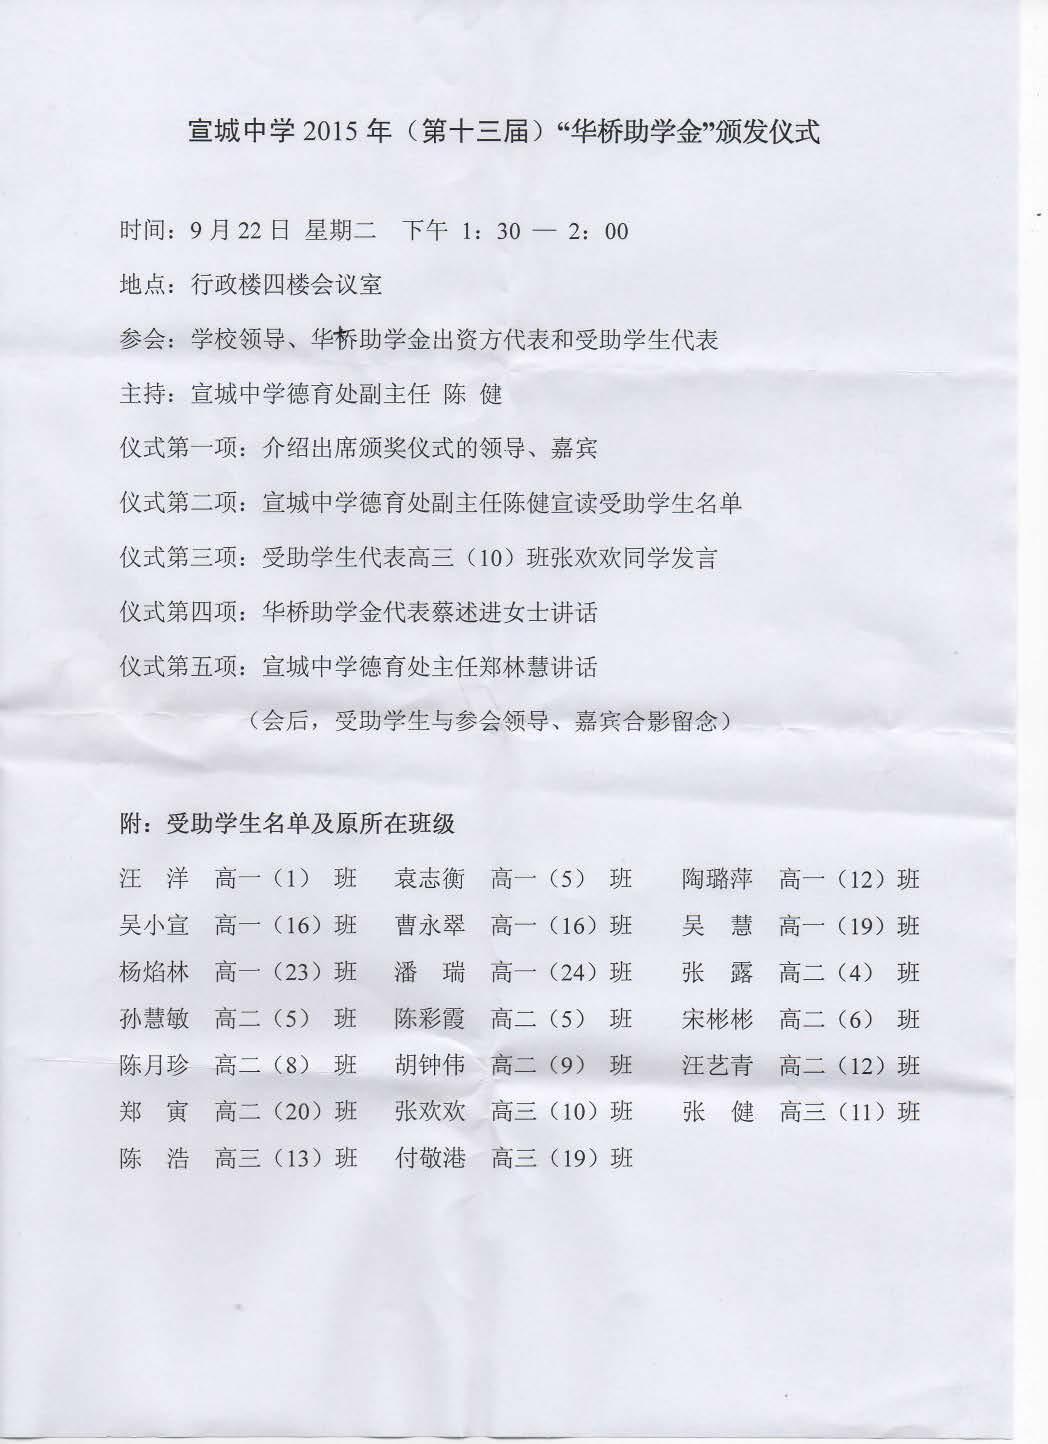 安徽宣城中学莲花助学金